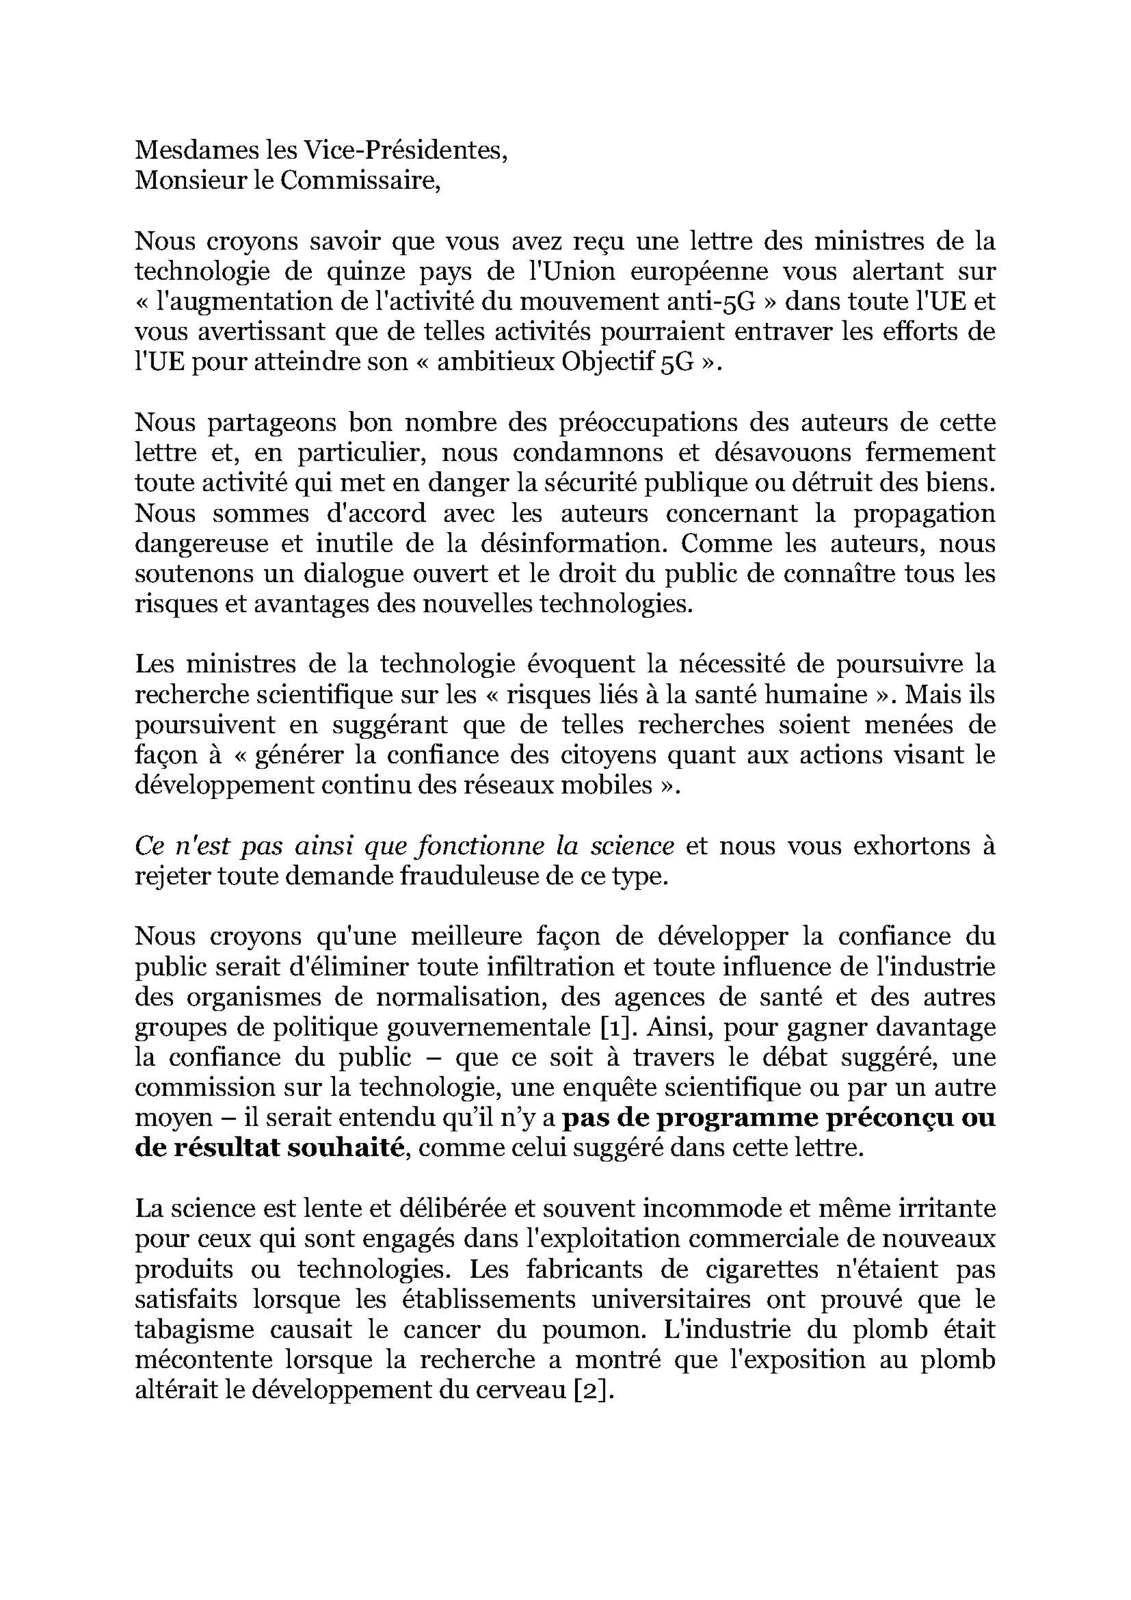 Lettre ouverte aux Vice-Présidentes de la CE et à Thierry Breton